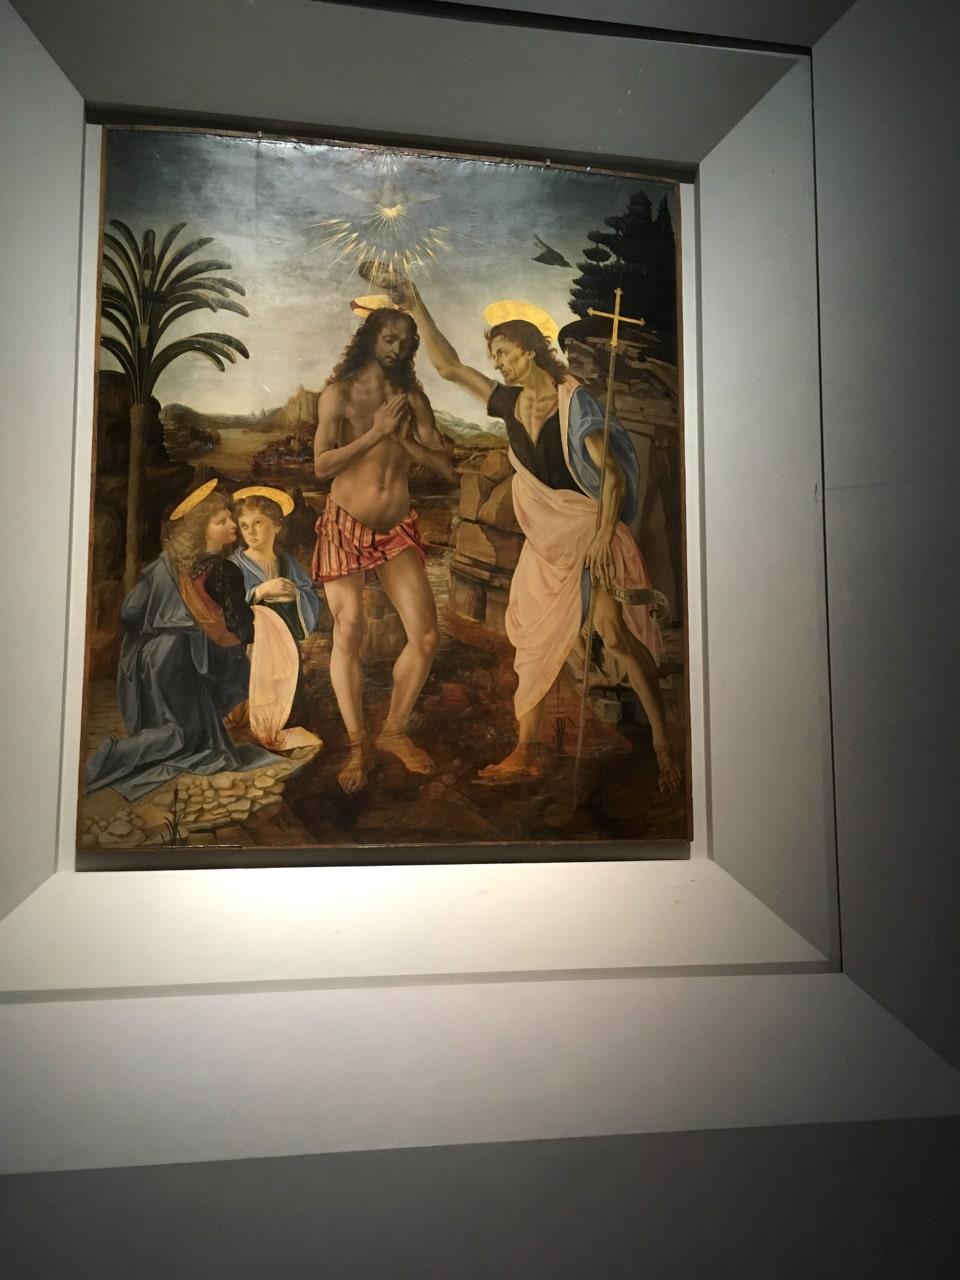 达芬奇和他的老师韦罗基奥一起画的《基督受洗》,达·芬奇作为学徒只完成了下方的两位小天使,正是因为他生动精湛的画工,使得韦罗基奥大为震惊,从此帮助达·芬奇一步步走上巅峰。